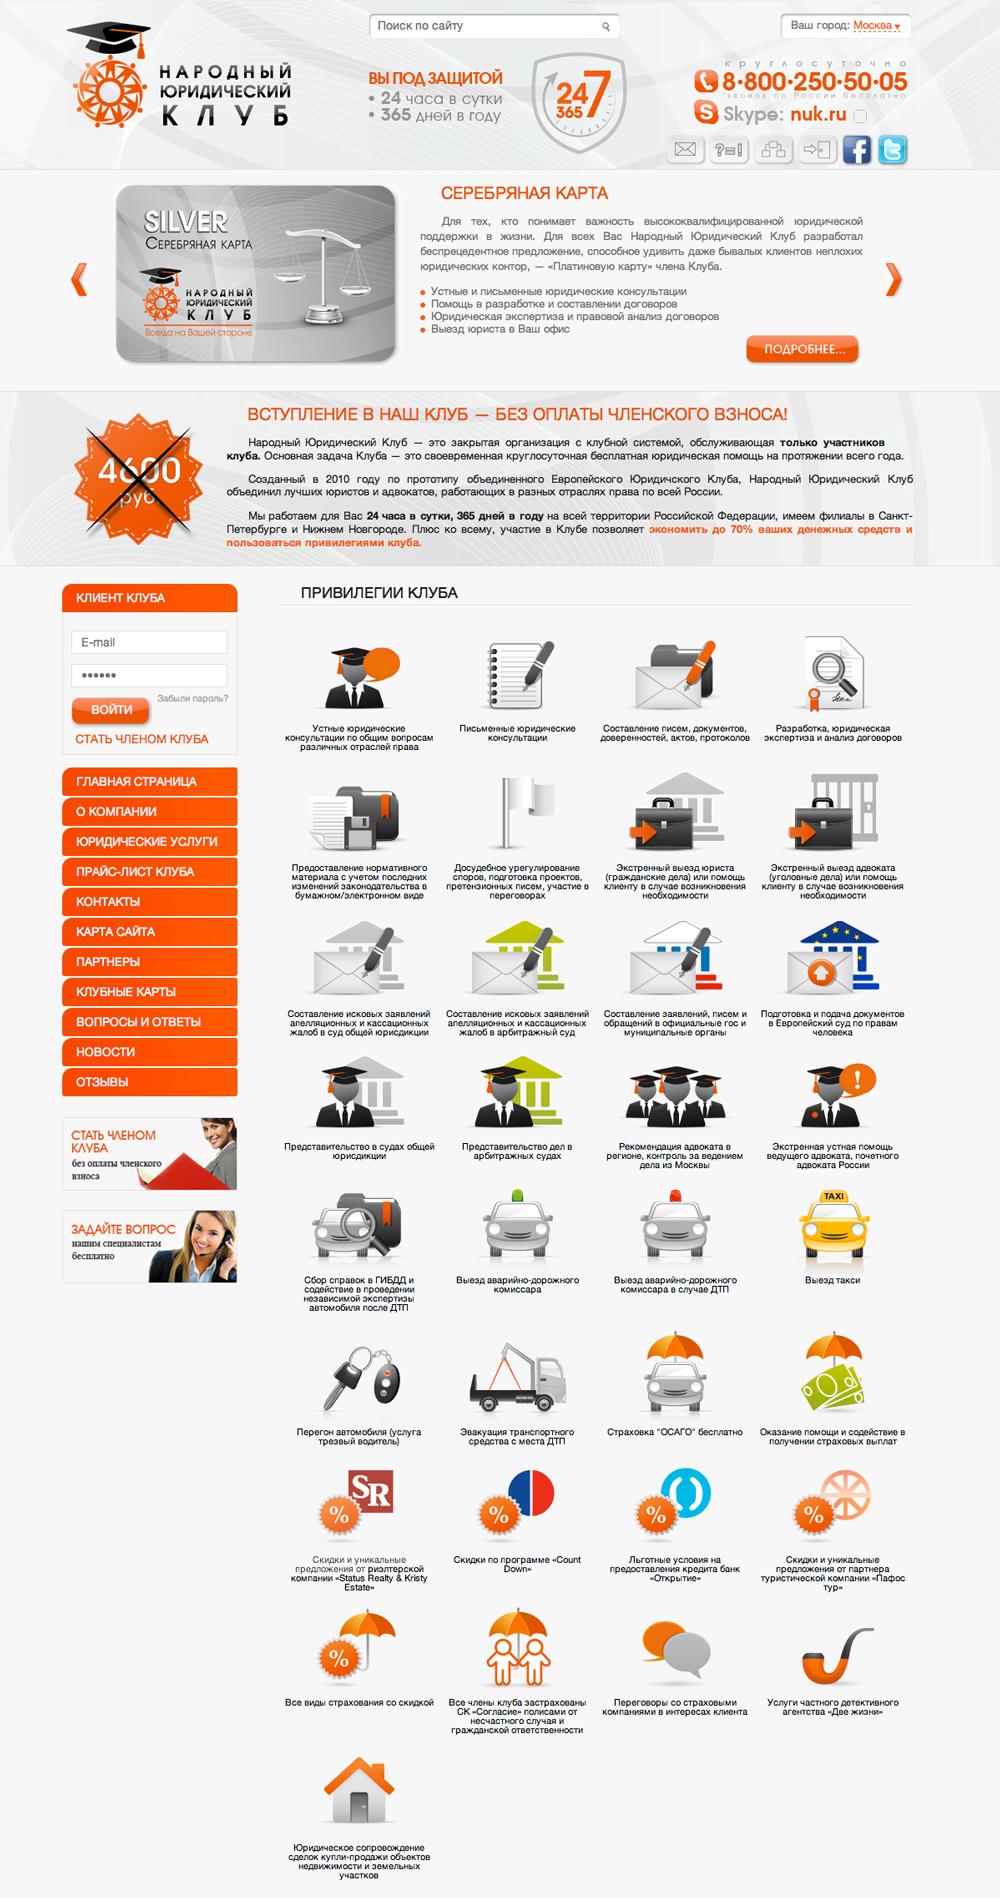 Доработка дизайна сайта Юр Клуба